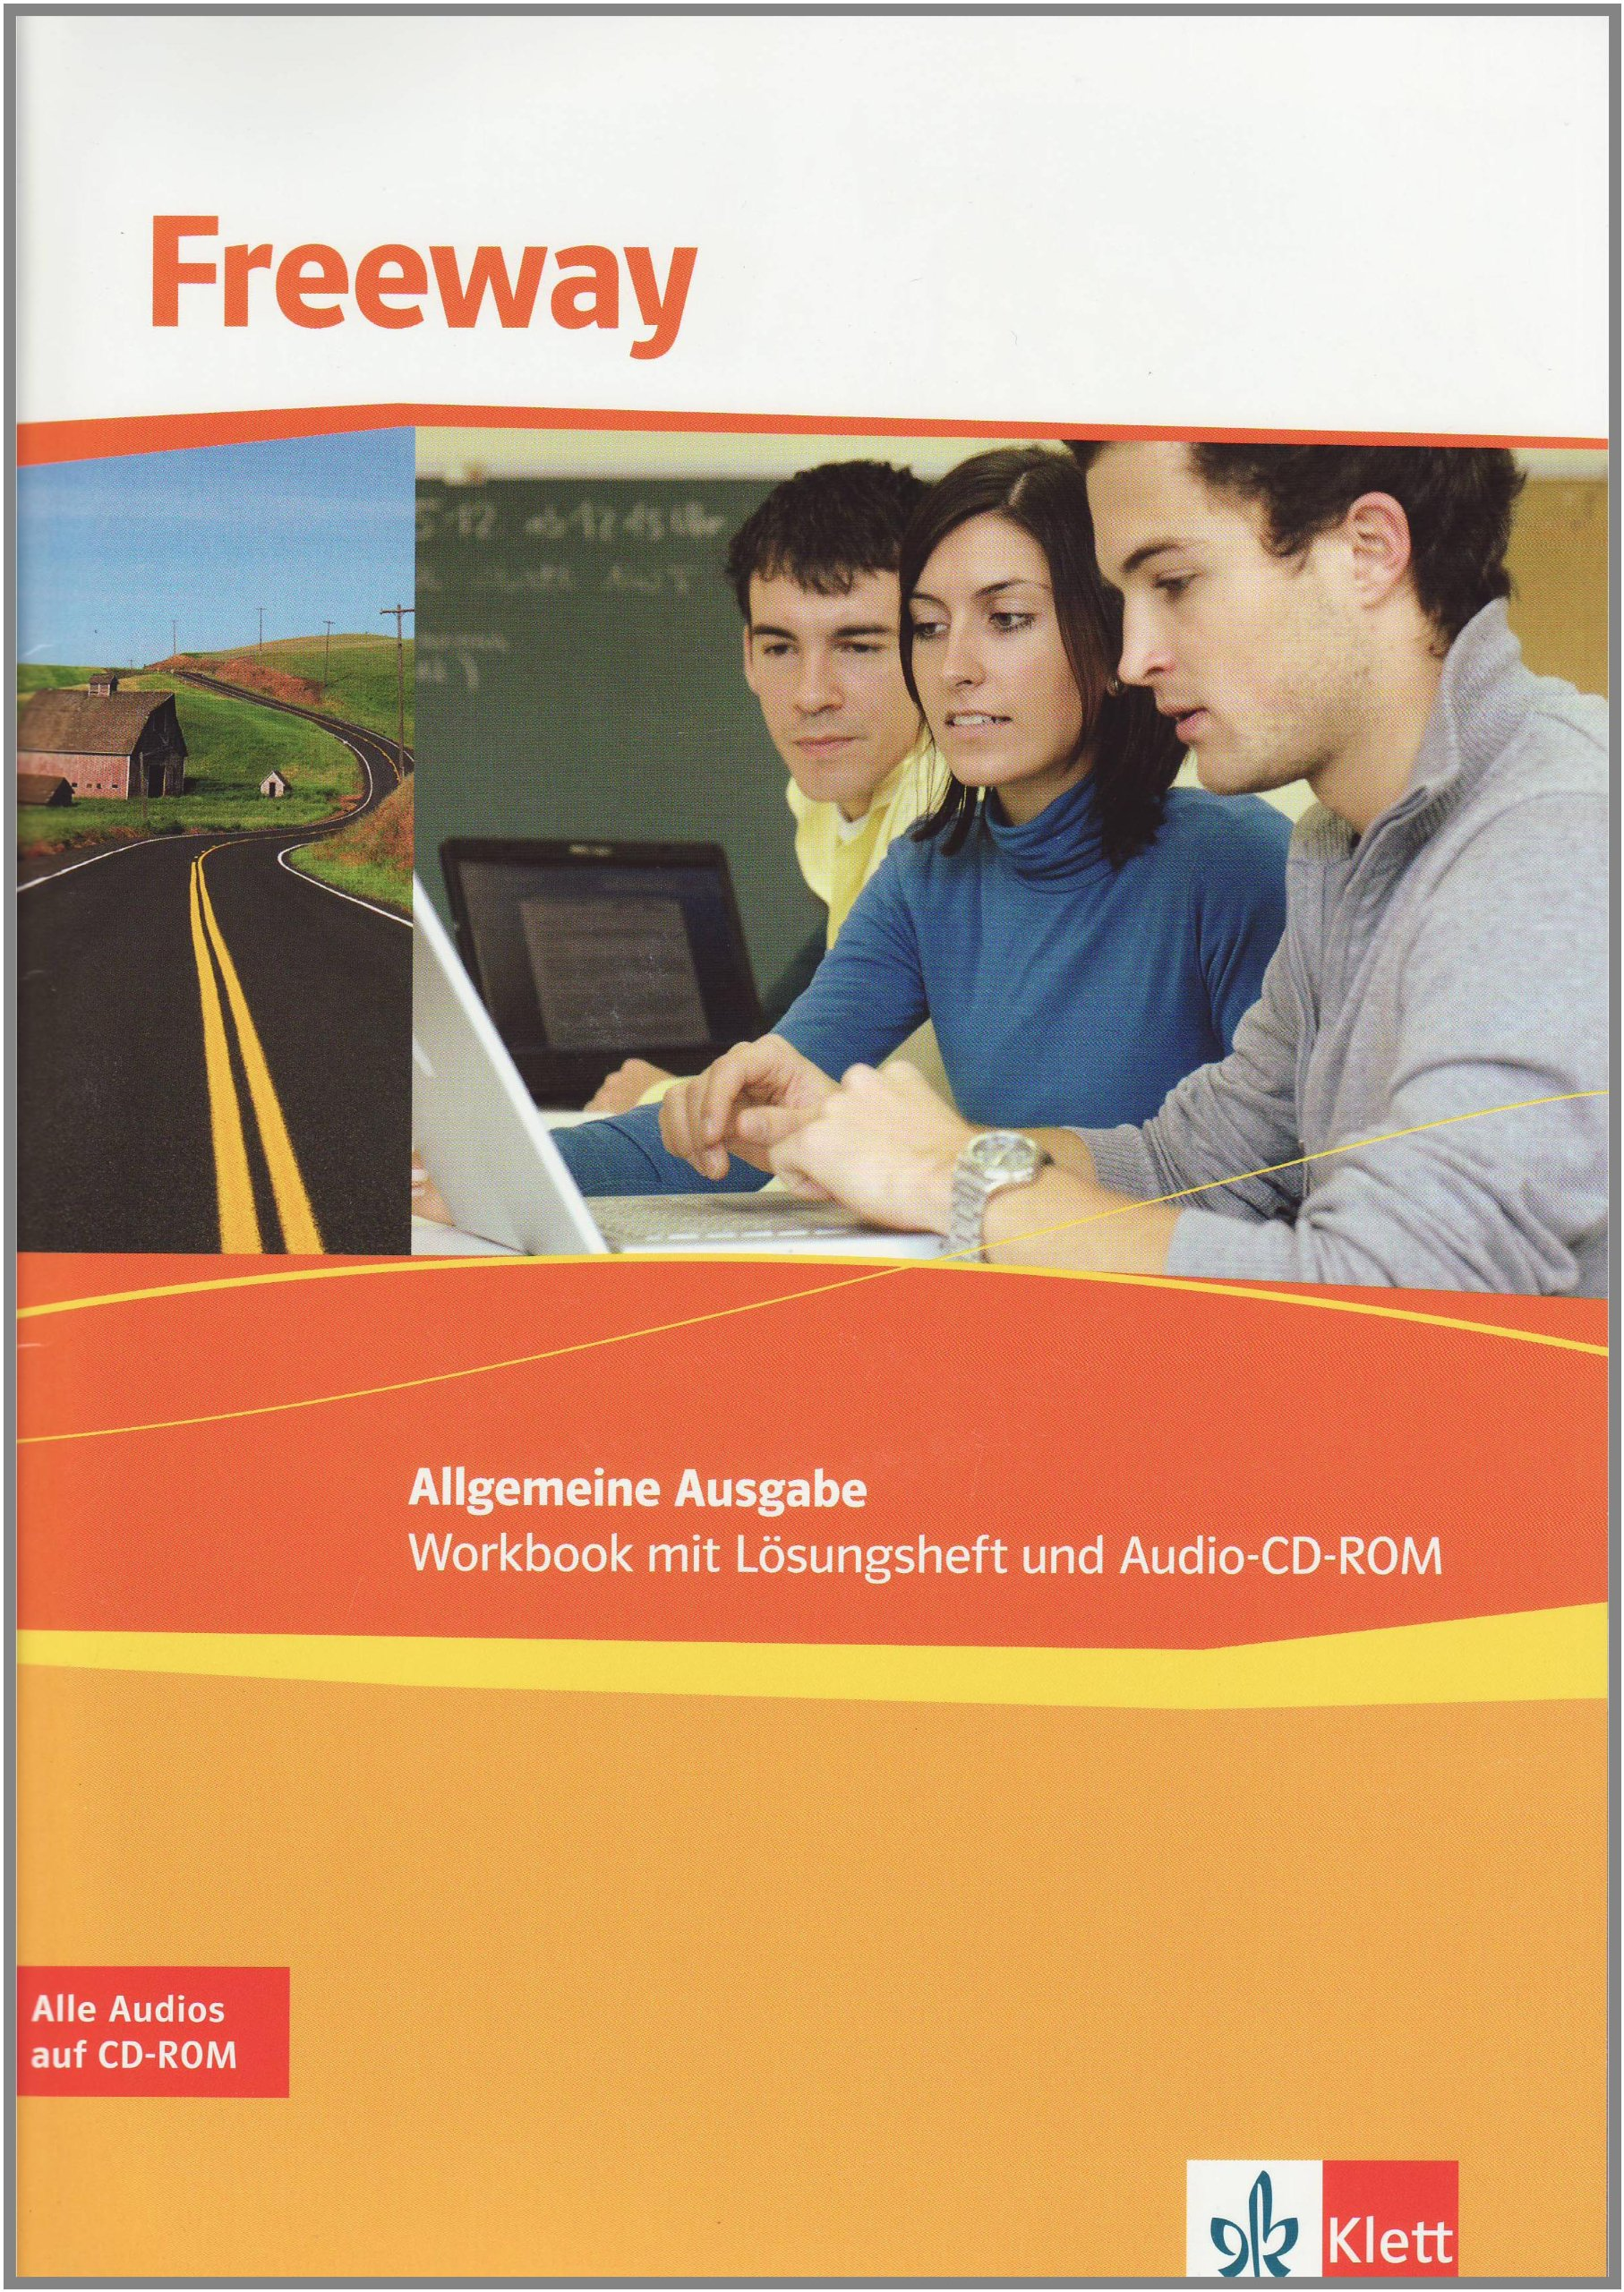 Freeway Allgemeine Ausgabe / Englisch für berufliche Schulen: Freeway Allgemeine Ausgabe / Workbook mit Lösungsheft und Audio-CD-ROM: Englisch für berufliche Schulen